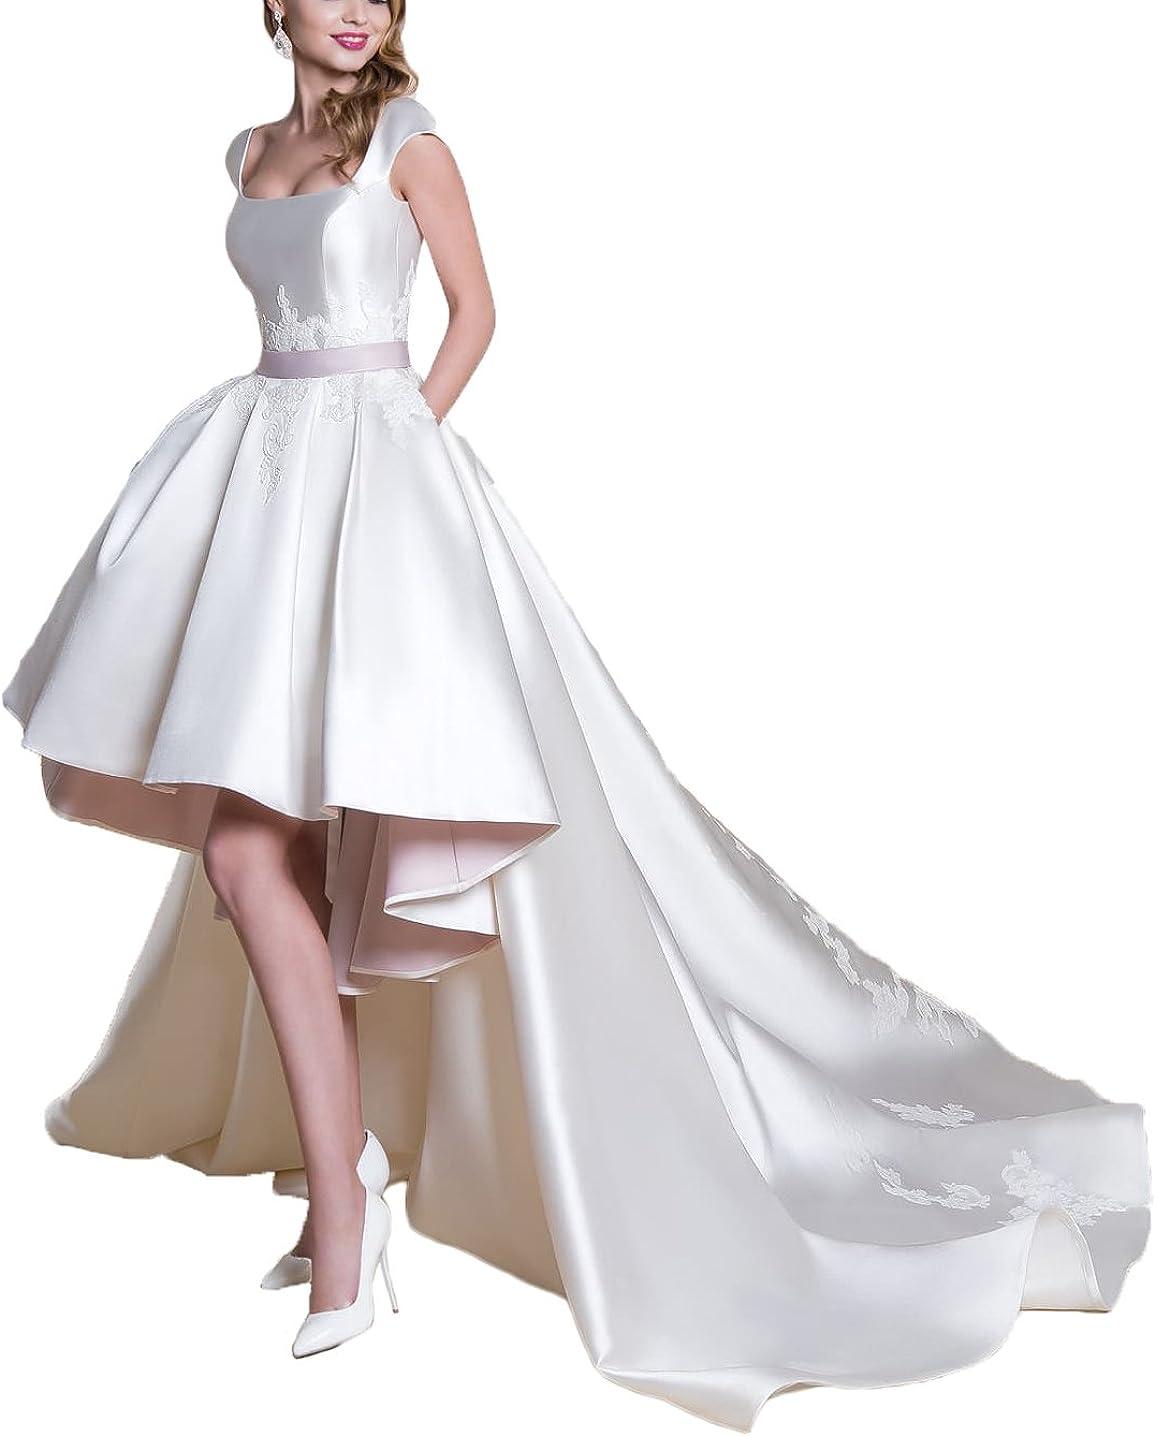 DarlingU Tucson Mall Women's High Low Beach for Wedding Dress Detachab Bride New popularity